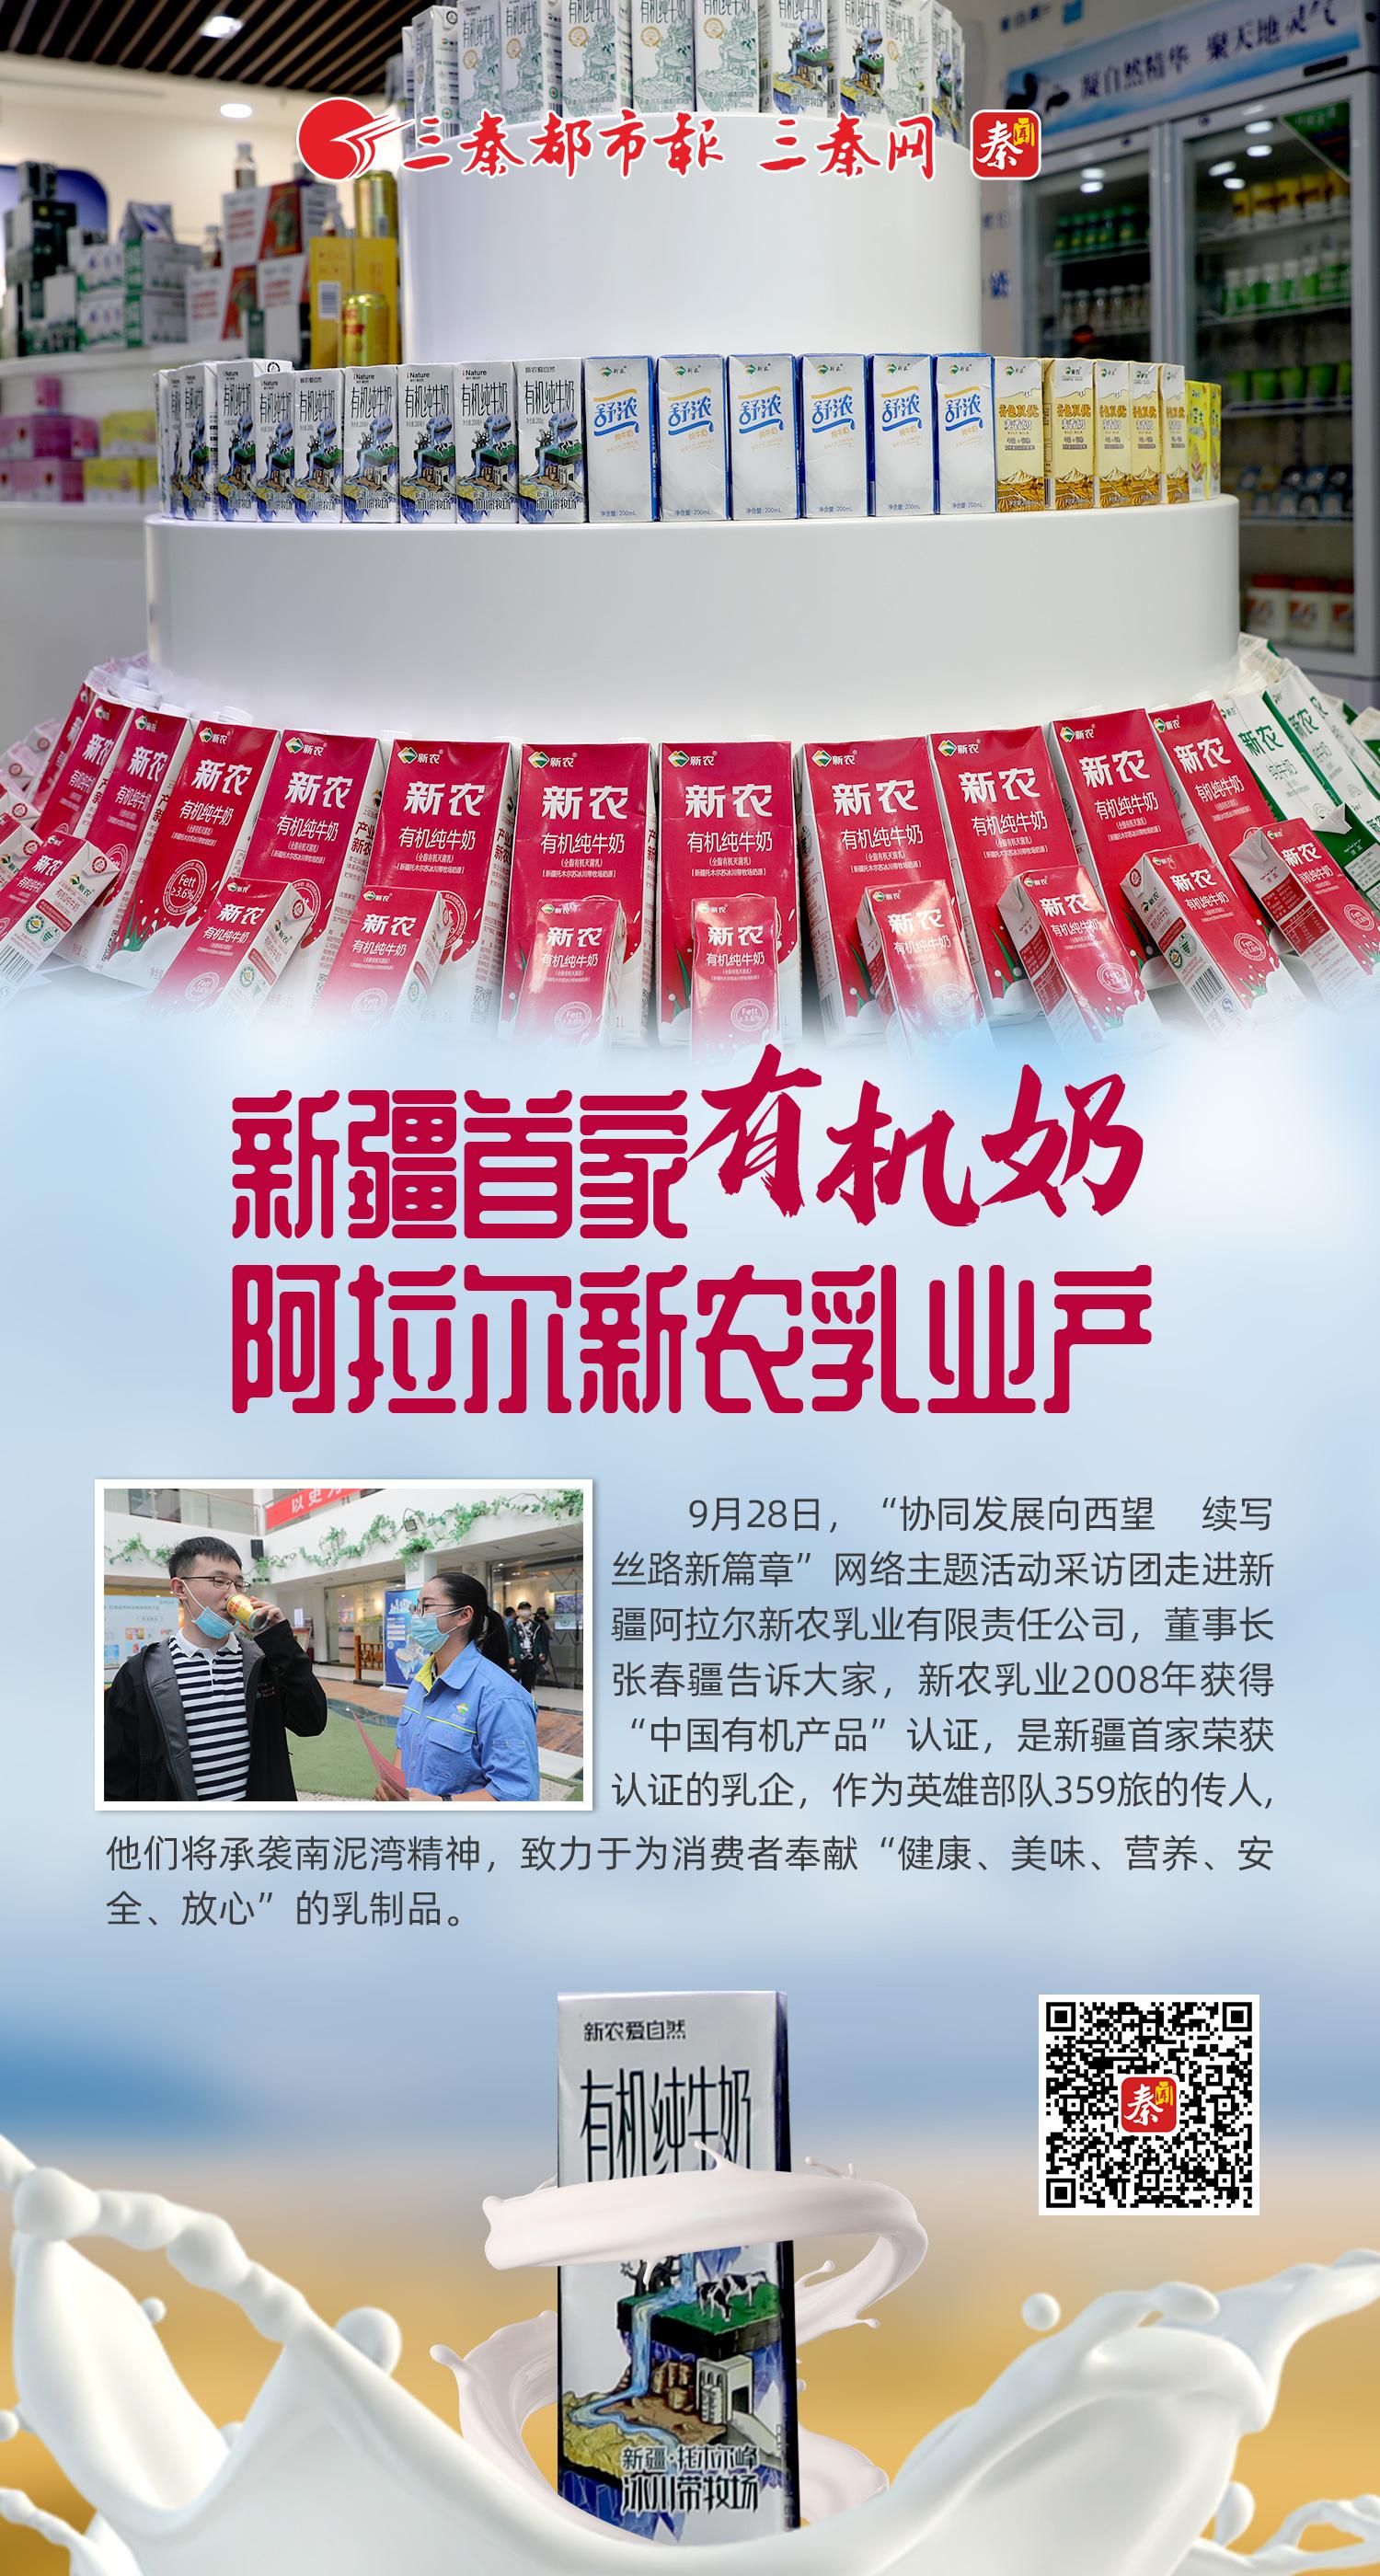 【续写●丝路新篇章】新疆首家有机奶阿拉尔新农乳业产